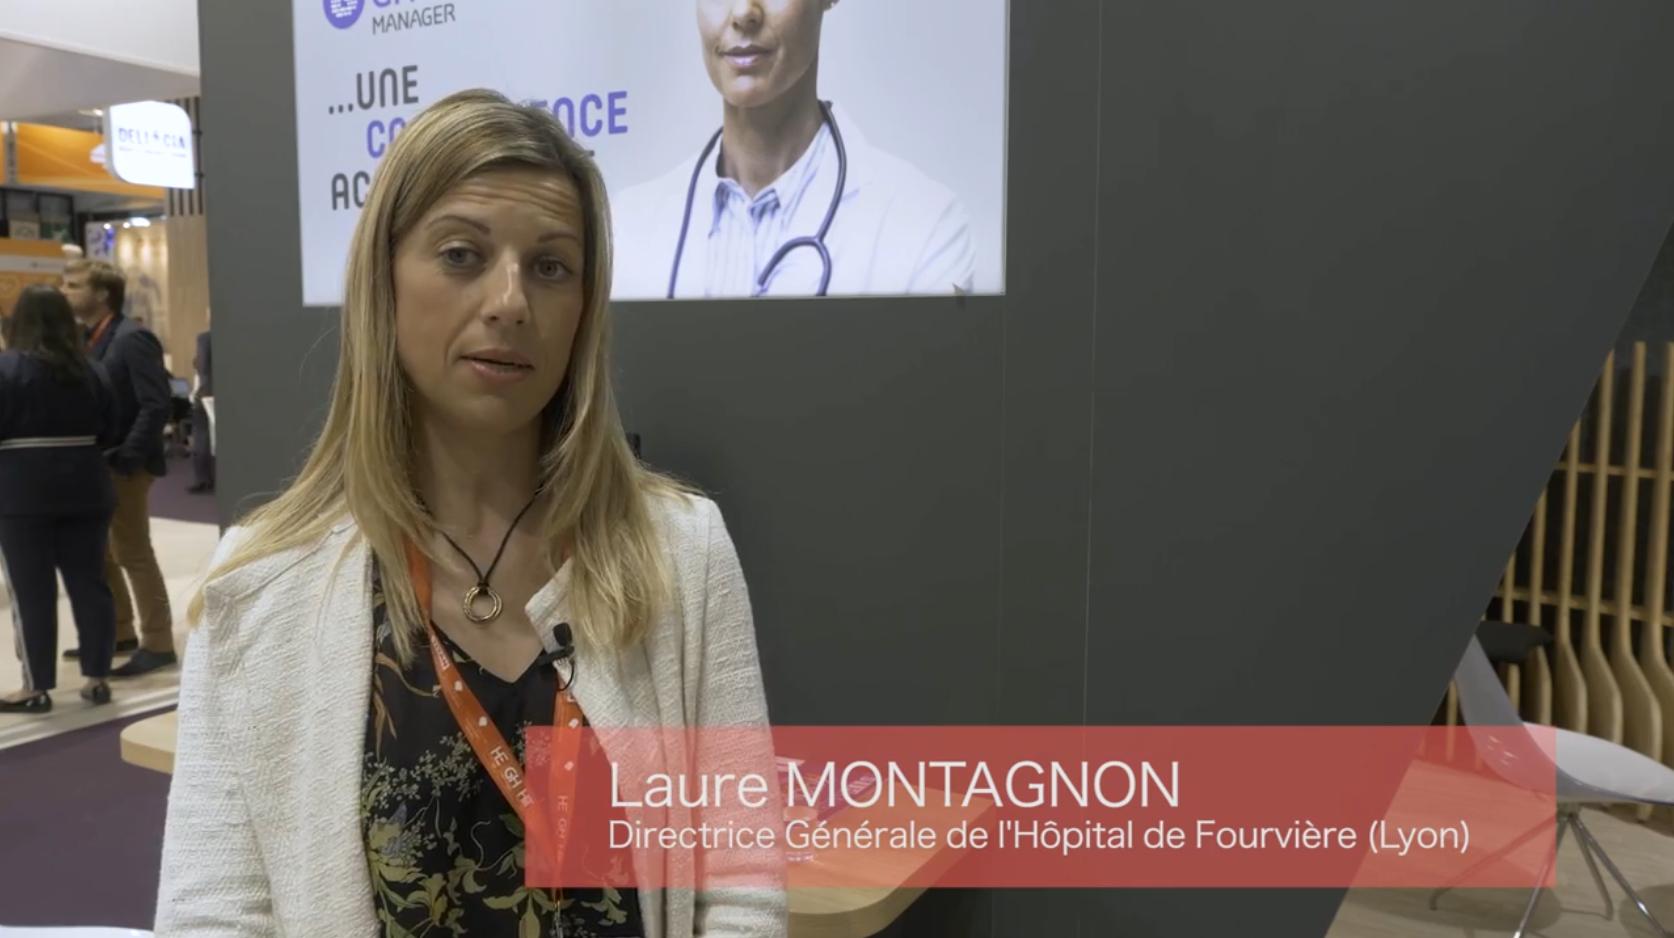 Laure MONTAGNON – Directrice Générale de l'Hôpital de Fourvière à Lyon